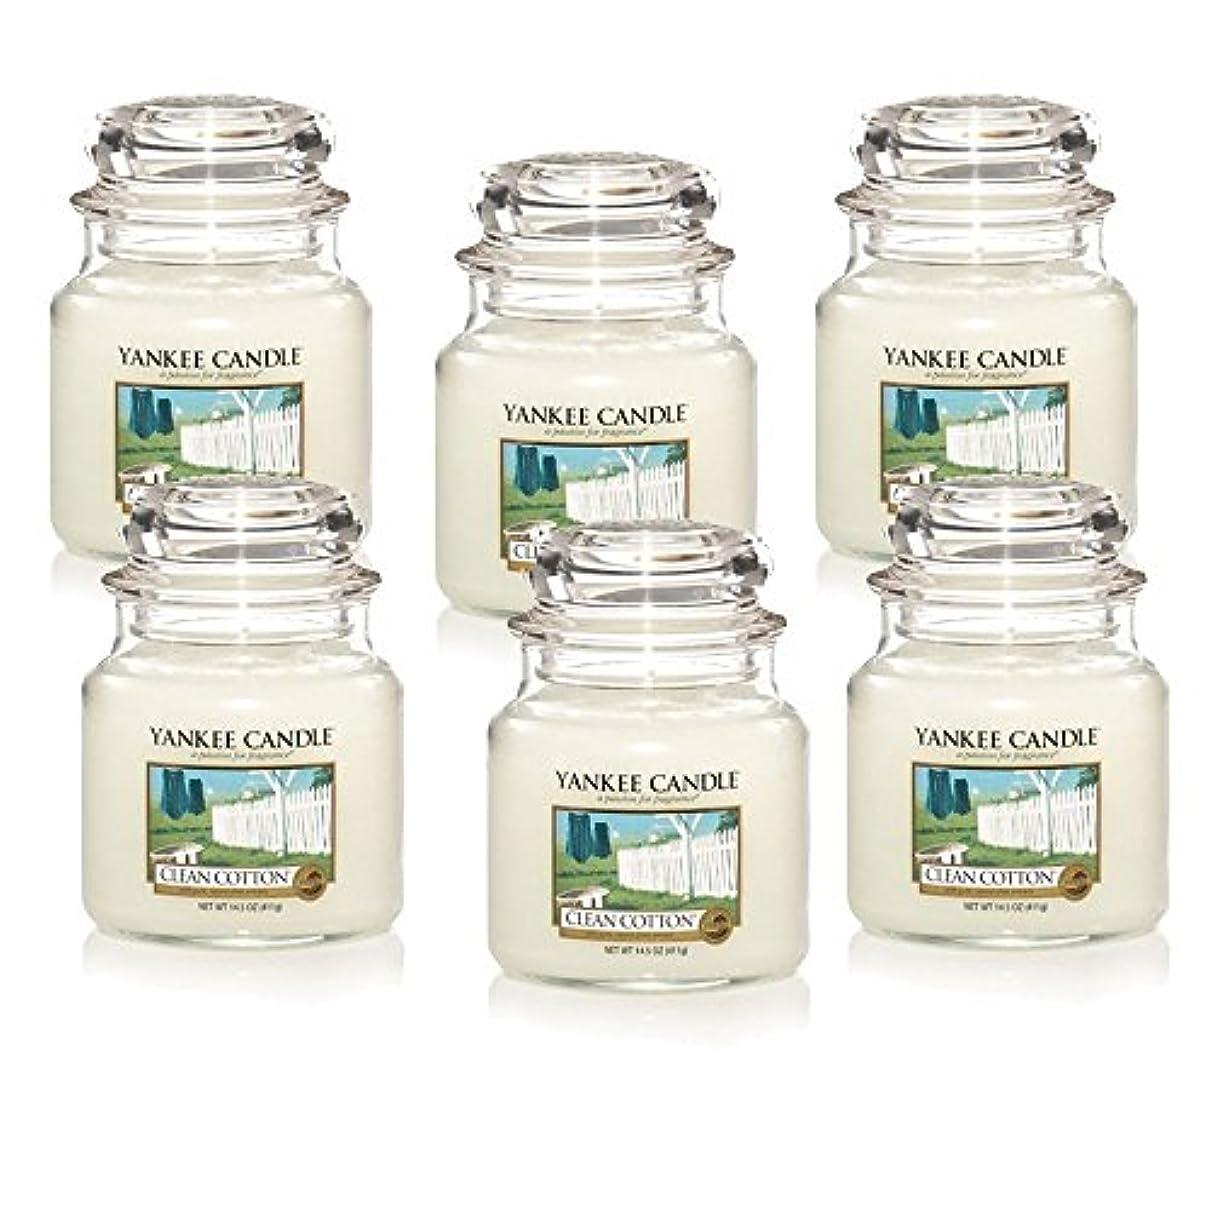 失望させる倒産ハブブYankee Candle Company Clean Cotton 14.5-Ounce Jar Candle, Medium, Set of 6 [並行輸入品]